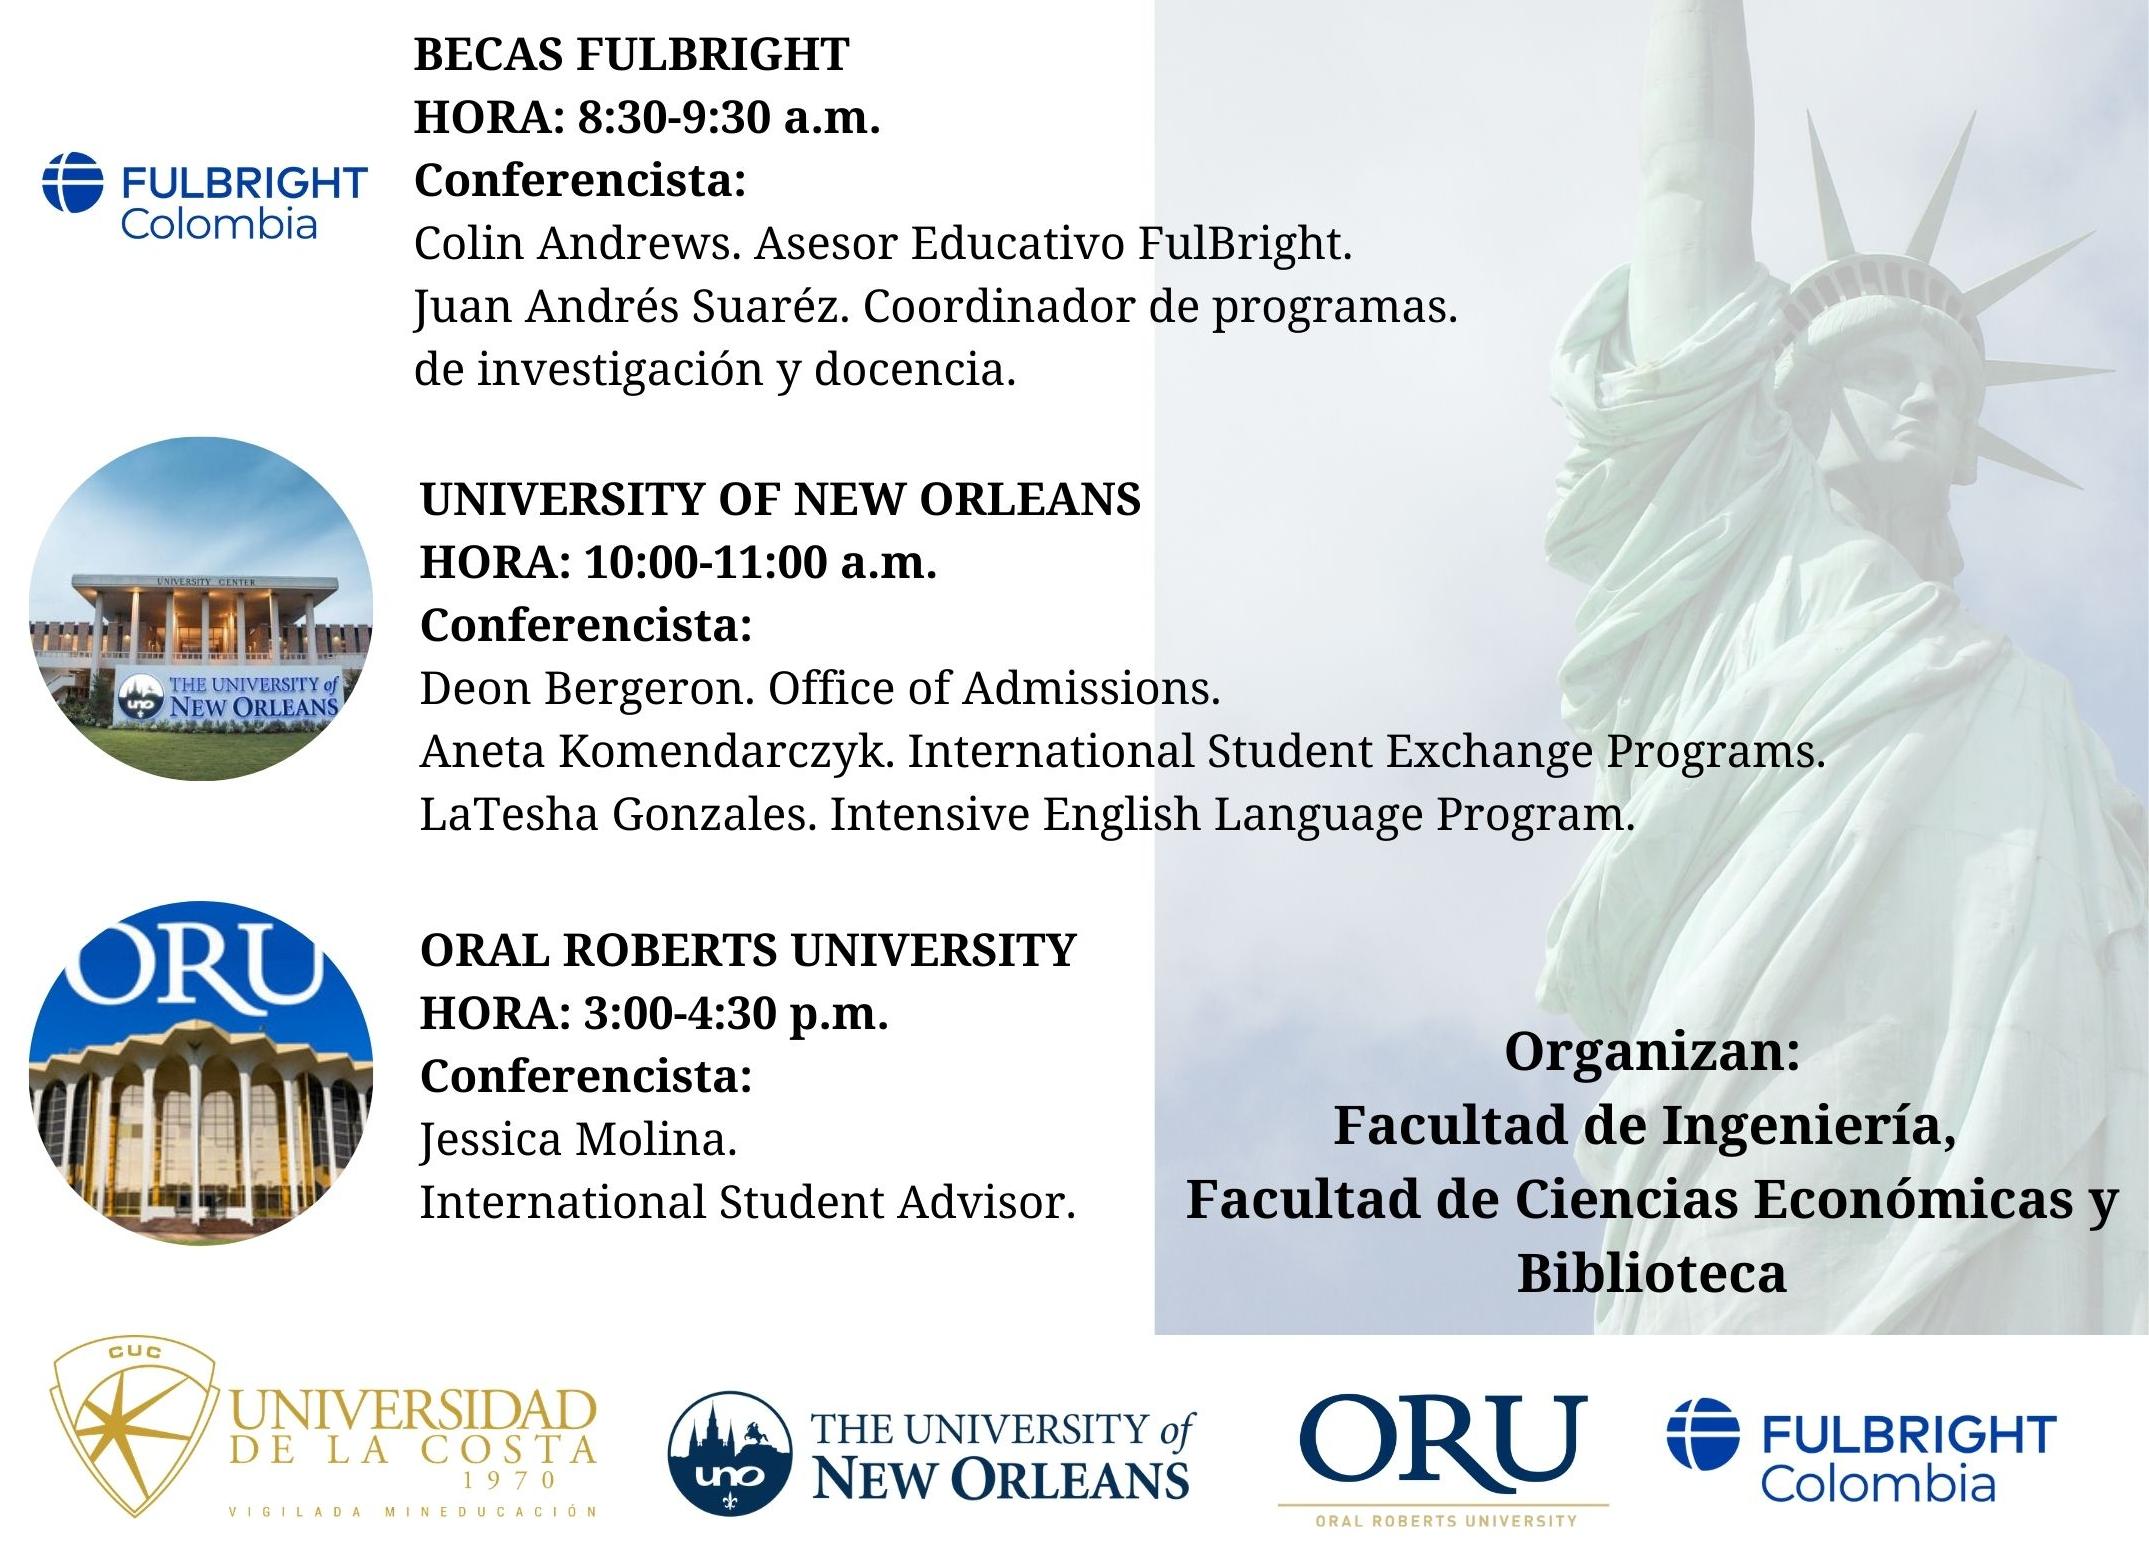 Oportunidades de estudio en universidades de Estados Unidos